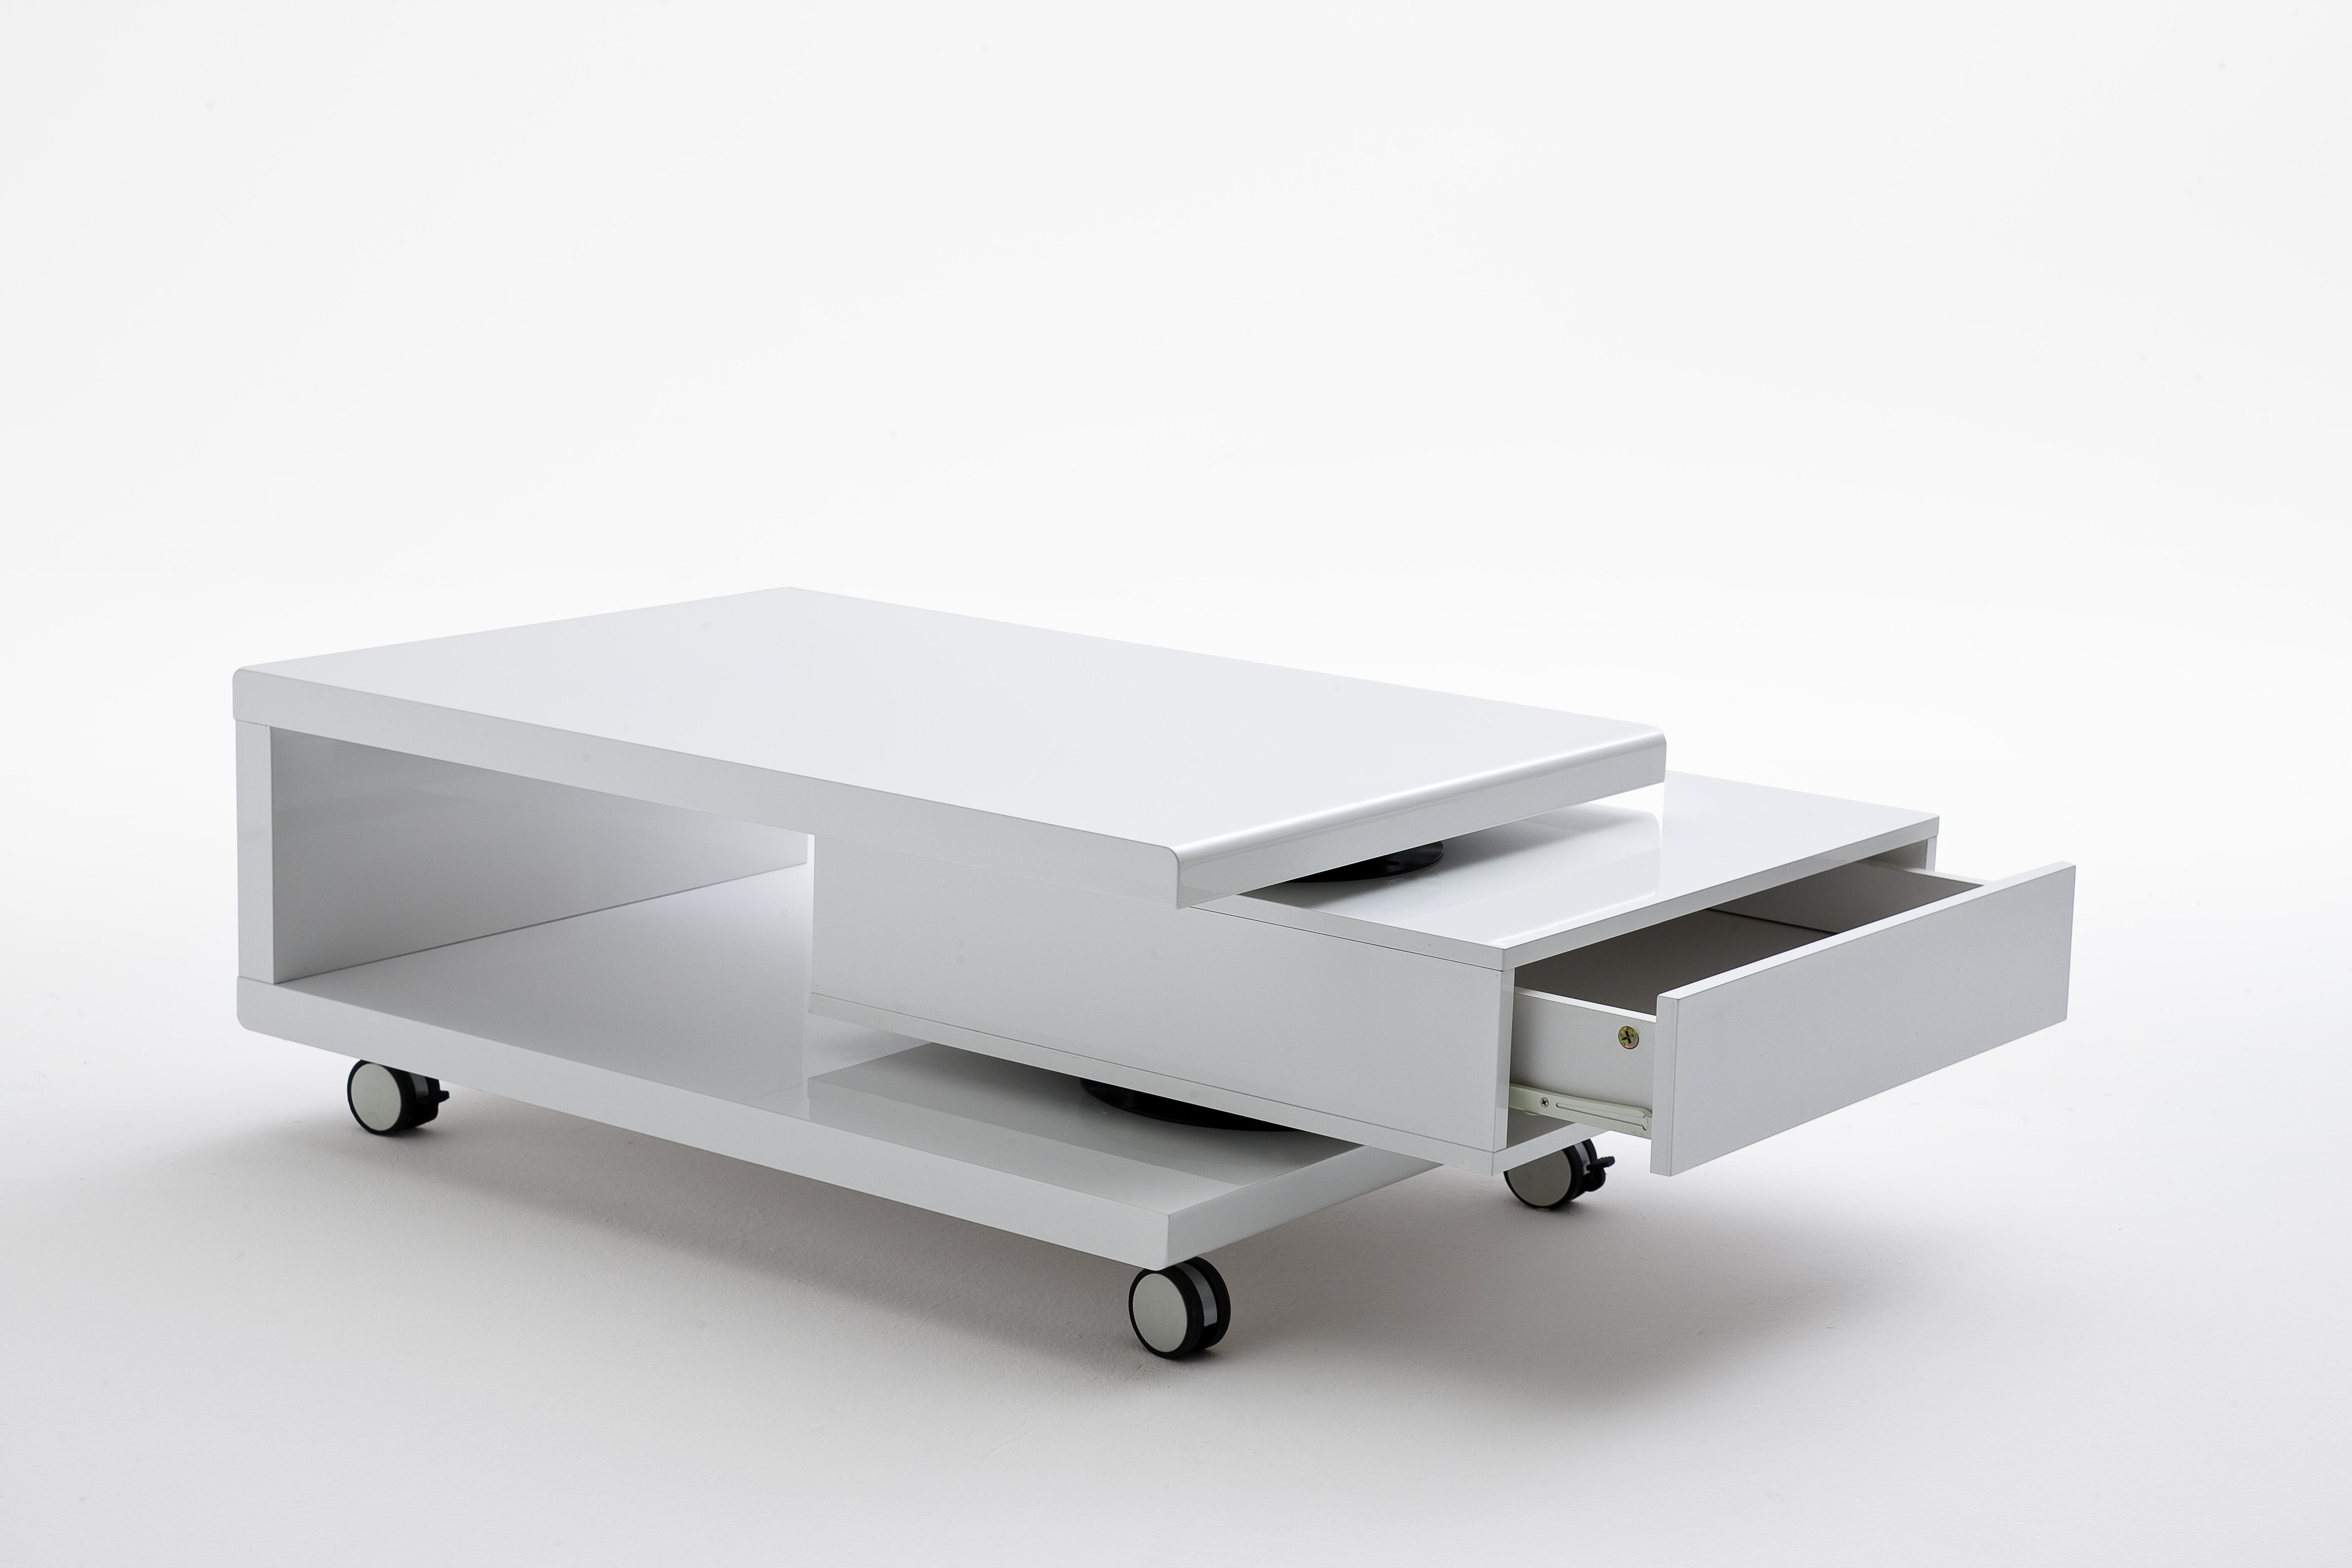 Couchtisch Beistelltisch Tisch Wohnzimmertisch Angela Hochglanz Weiß Rollen